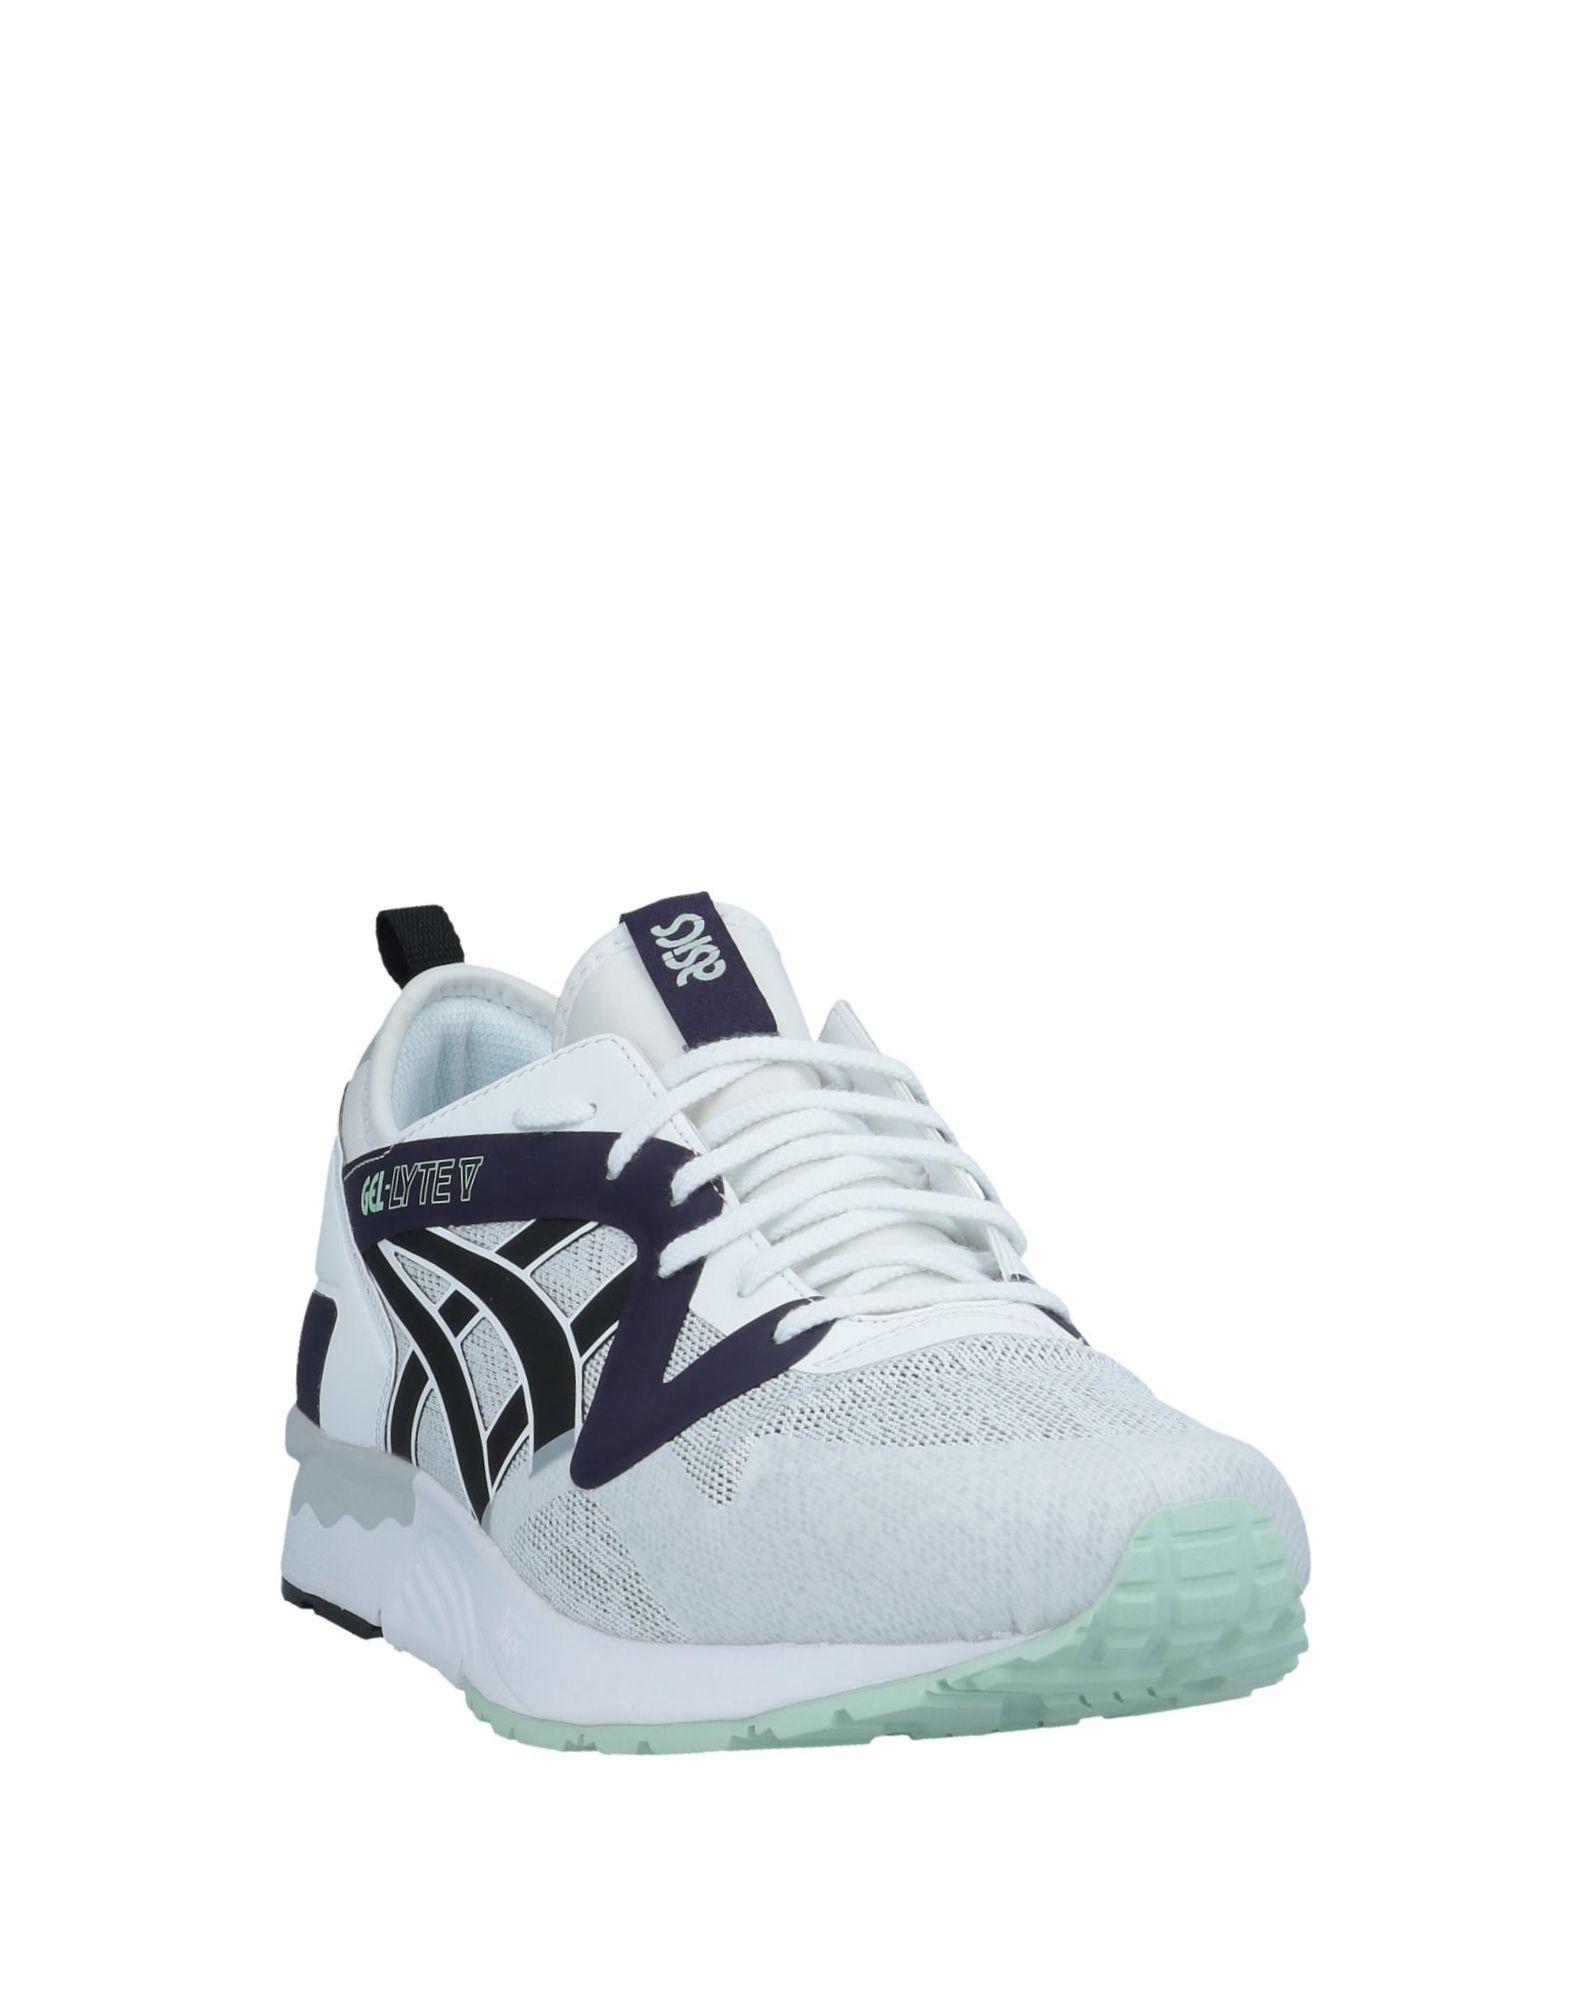 Rabatt echte Schuhe Herren Asics Sneakers Herren Schuhe  11556008ON 2ef2c6